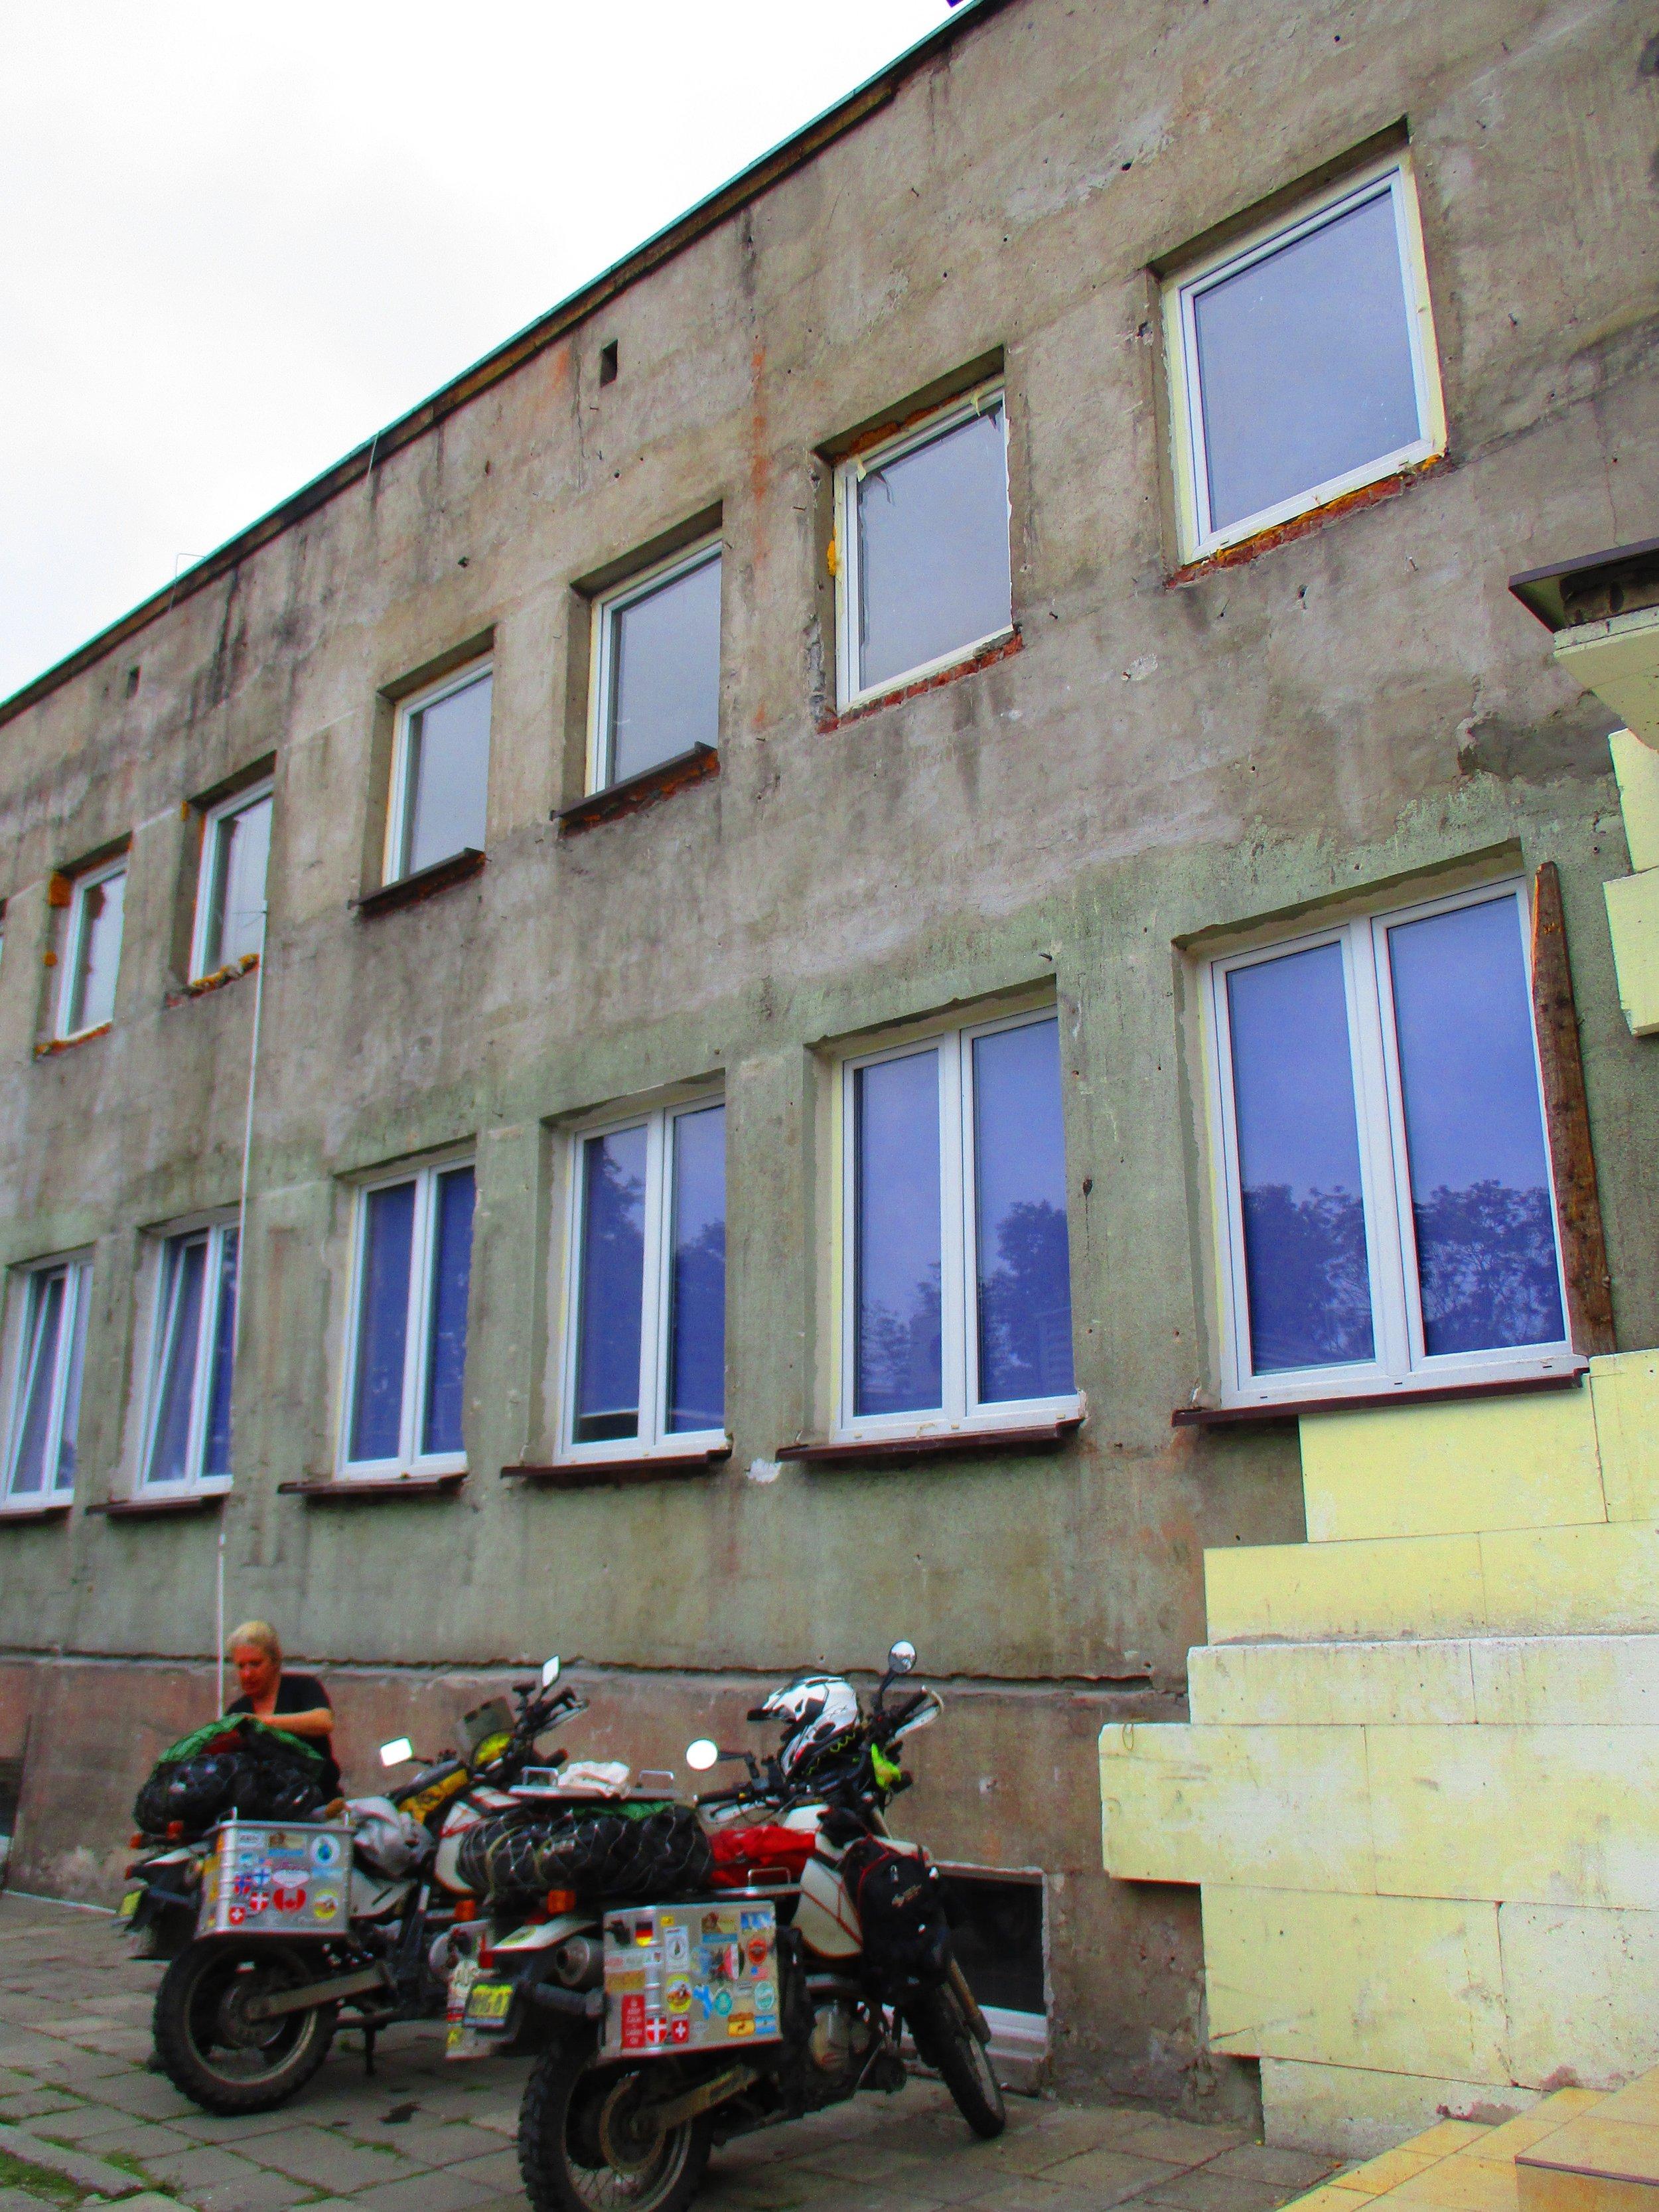 Our Hostel at Kraków